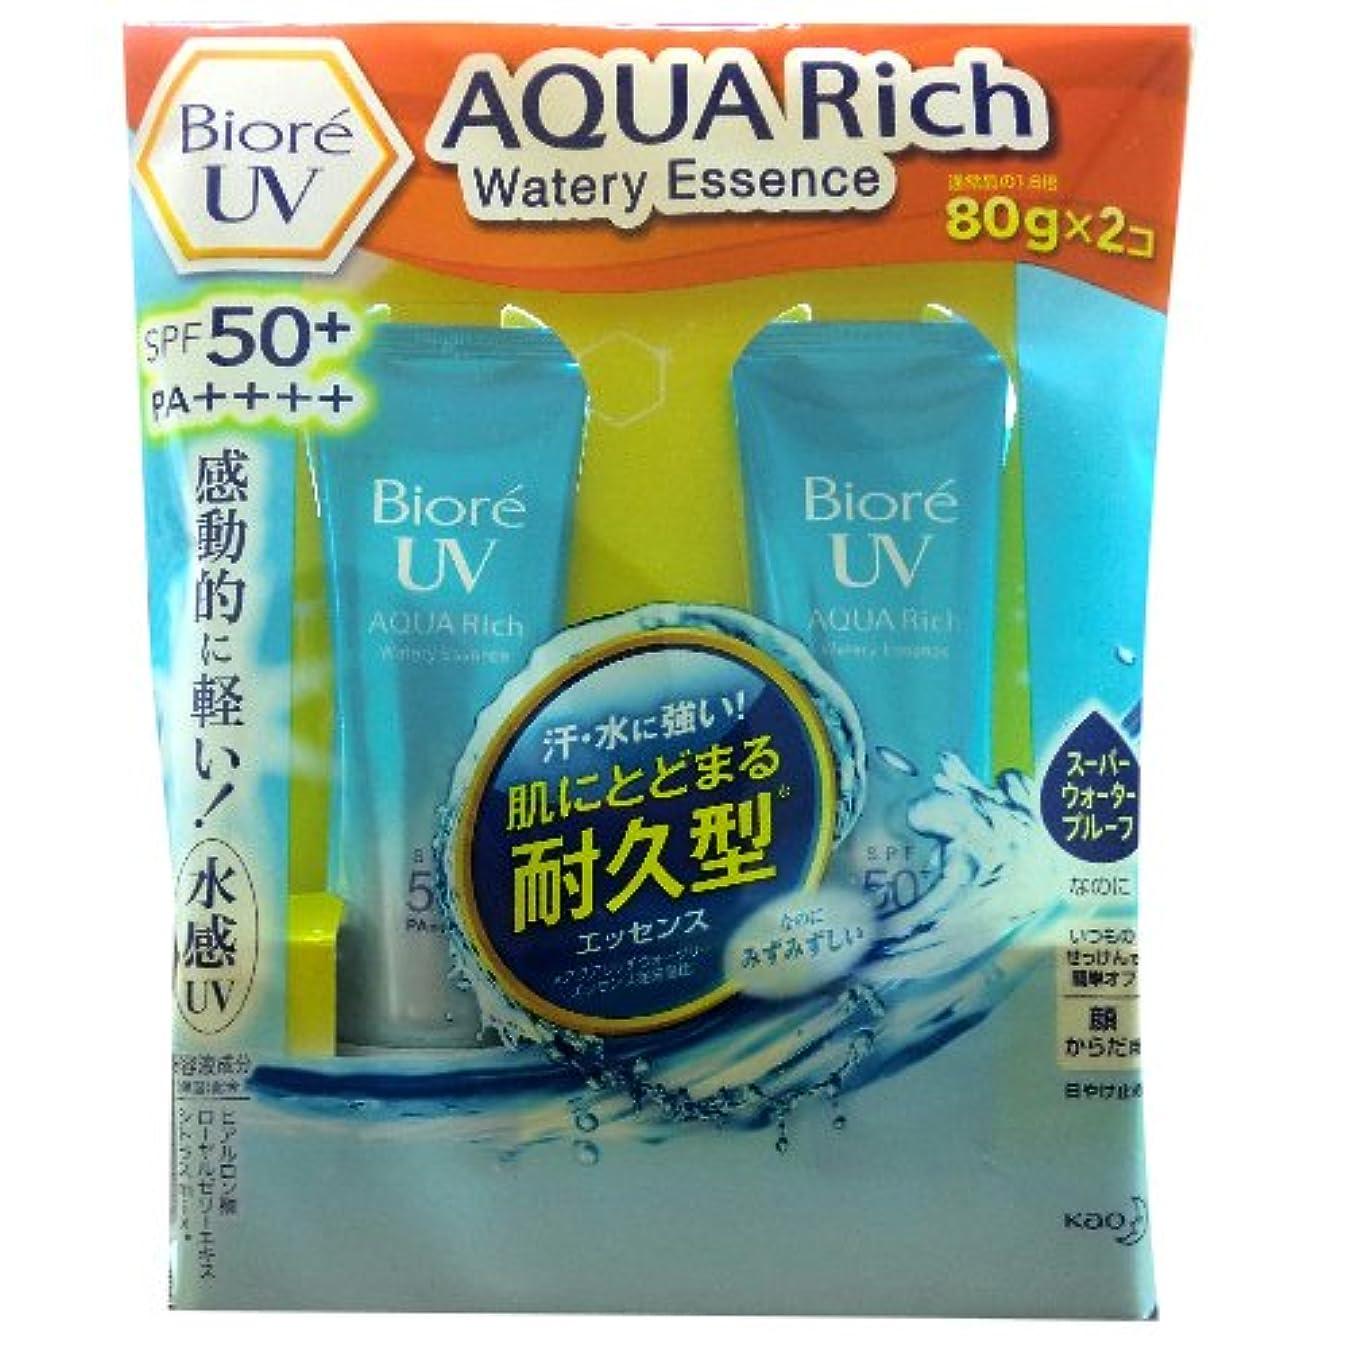 舞い上がるコットン腸Biore UV AQUA Rich Watery Essence 80g×2コ